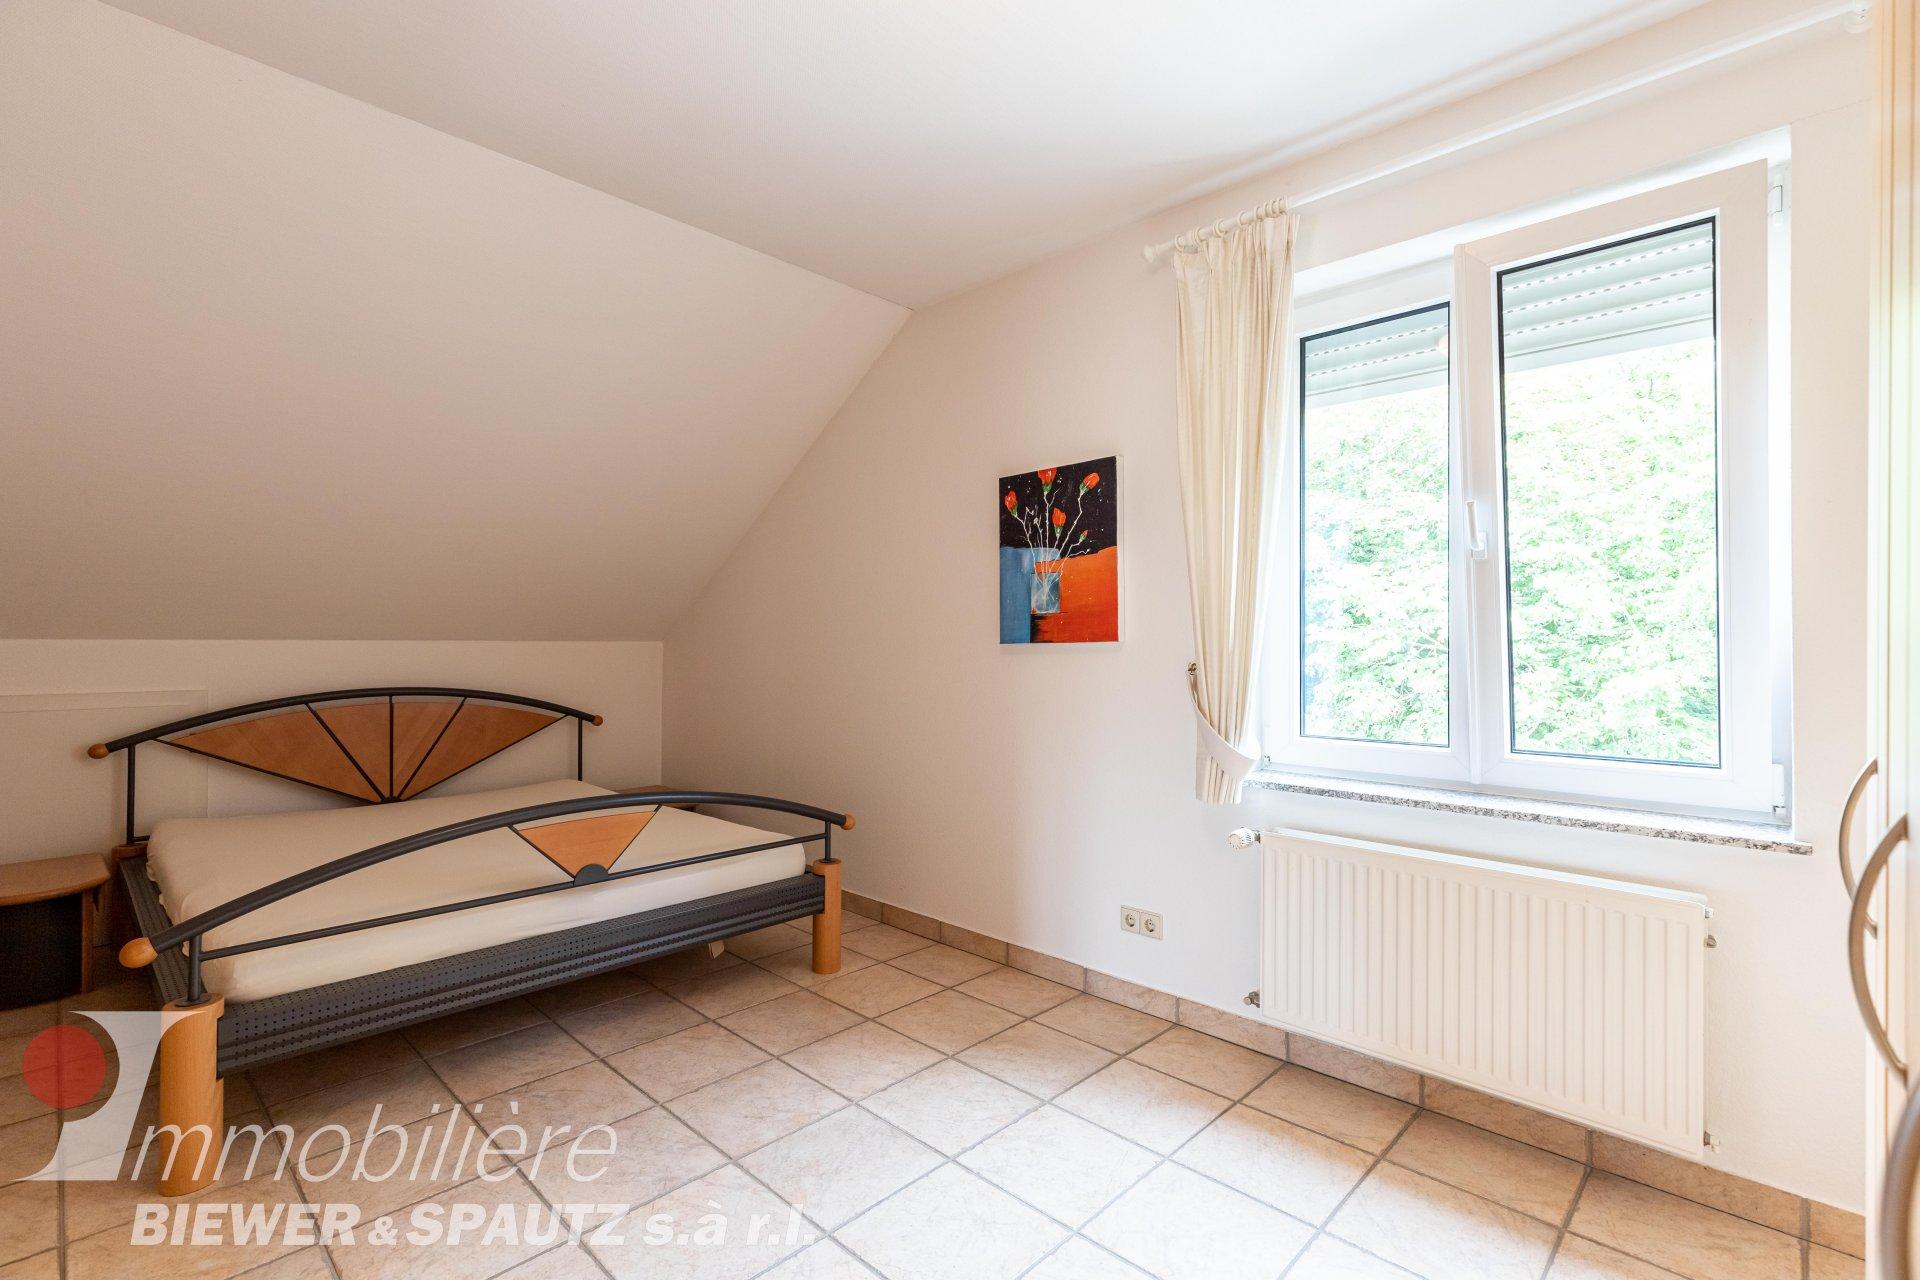 ZU VERMIETEN - Möblierte Wohnung mit 1 Schlafzimmer in Scheidgen